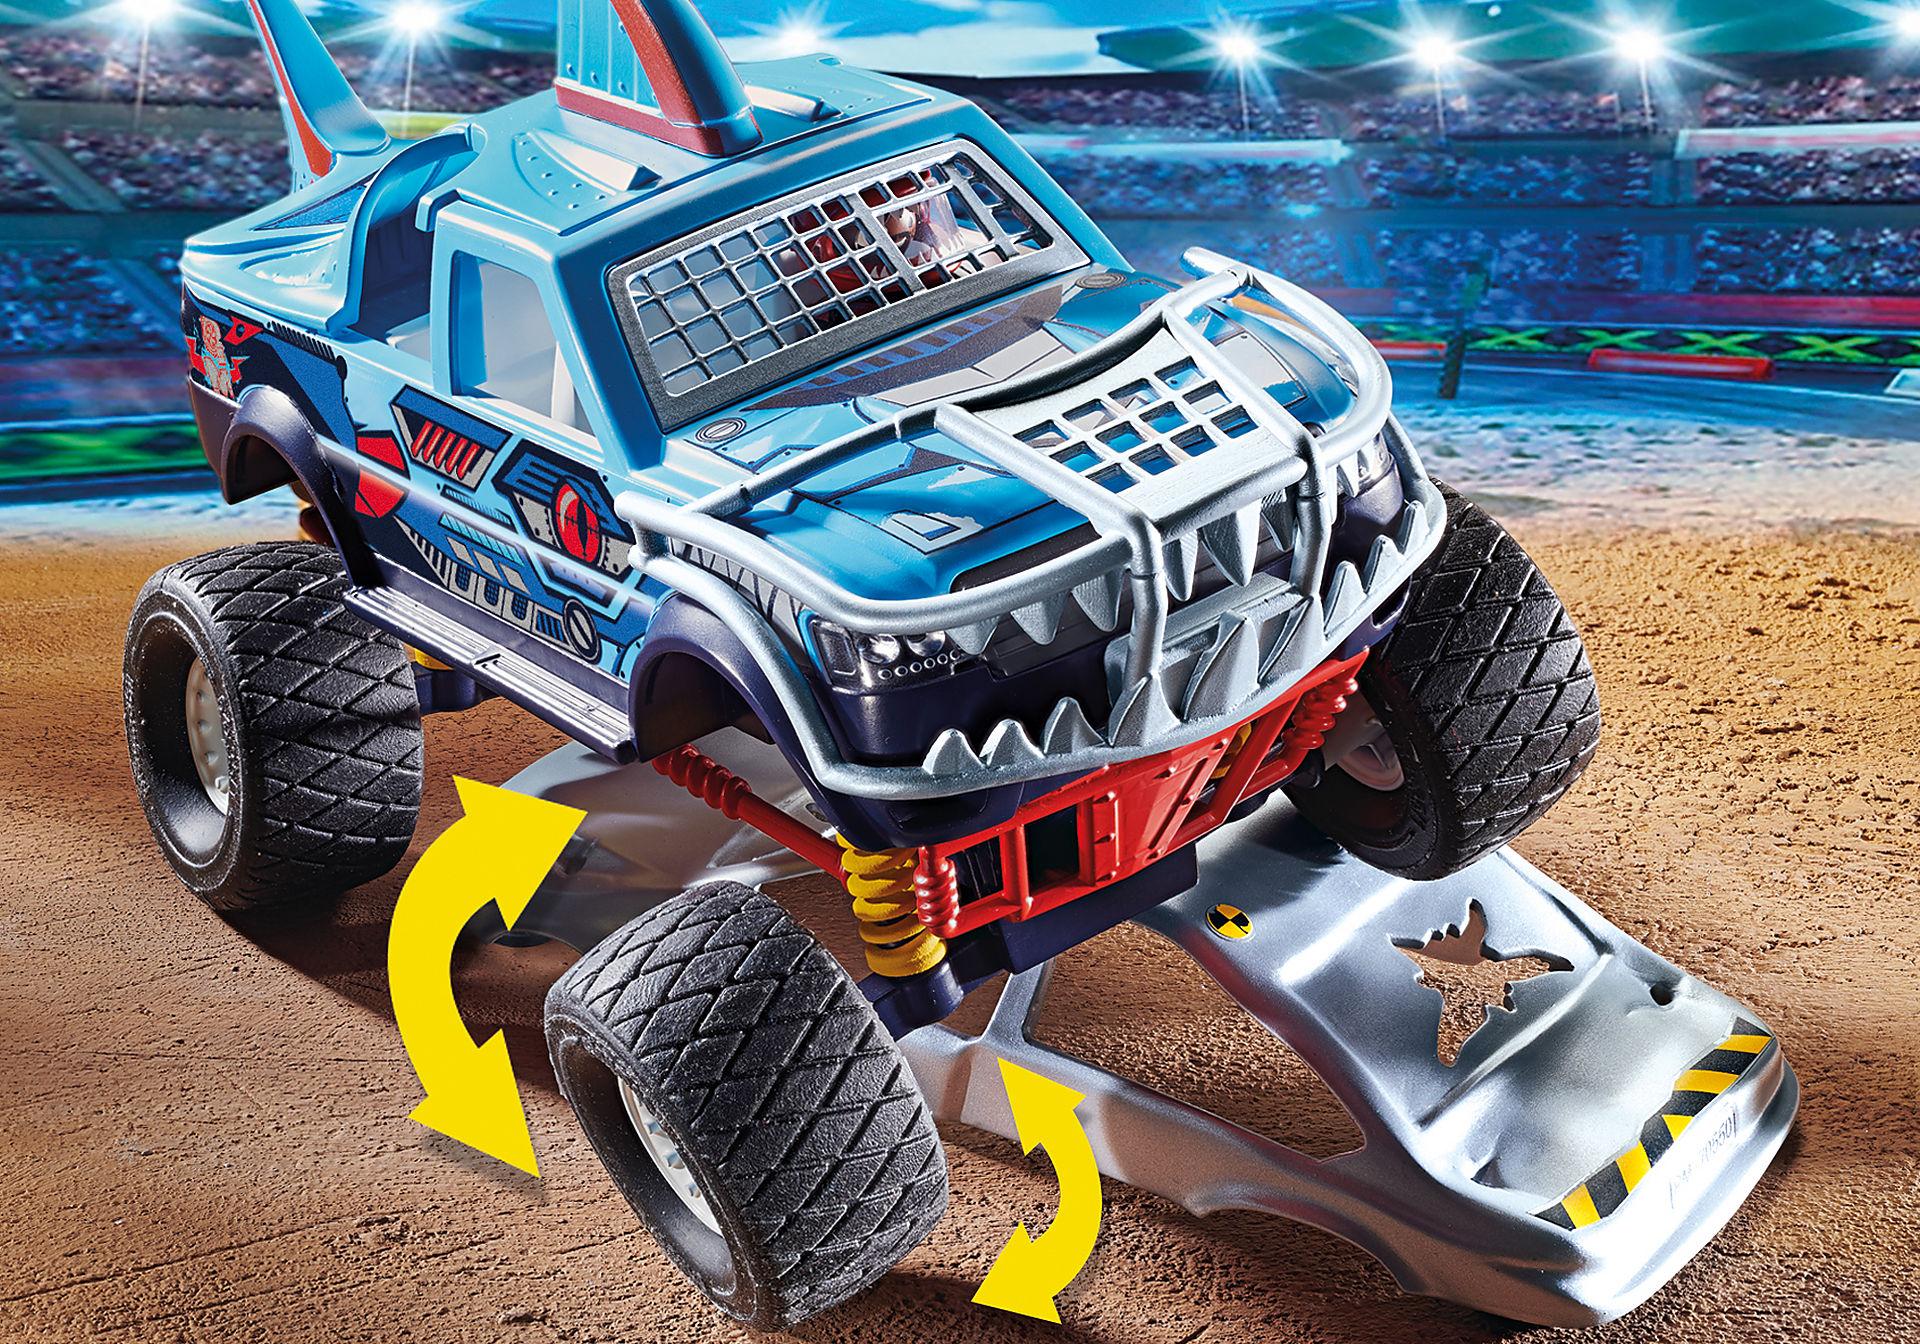 70550 Stunt Show Shark Monster Truck zoom image4